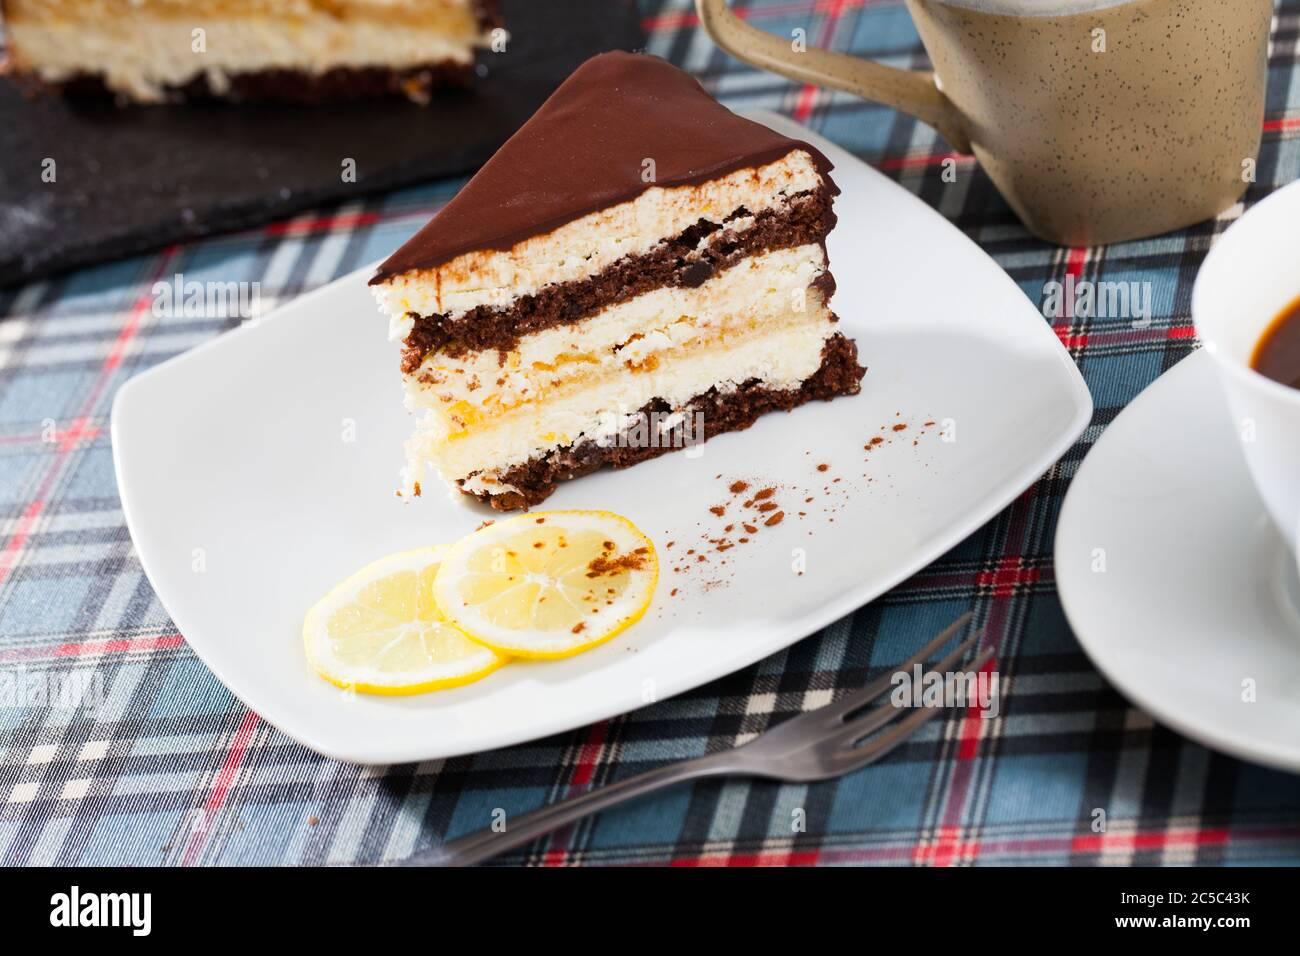 Zitrone - Schokolade Kuchen mit Biskuitteig serviert mit Zitronenscheiben auf Platte Stockfoto